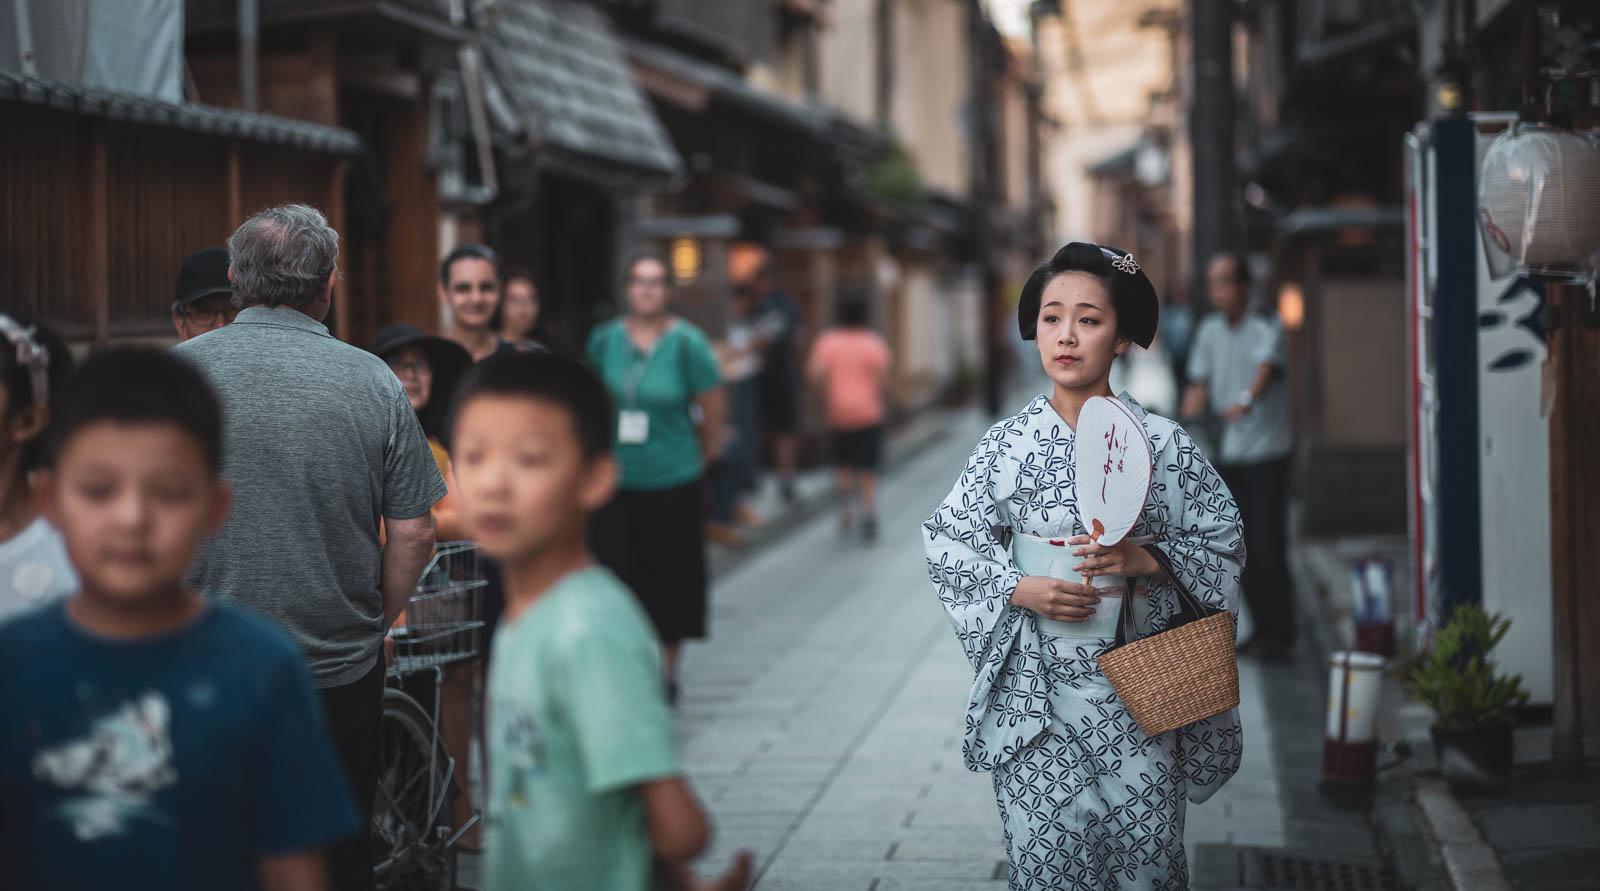 Kyoto traditionelles Gewand der Frauen